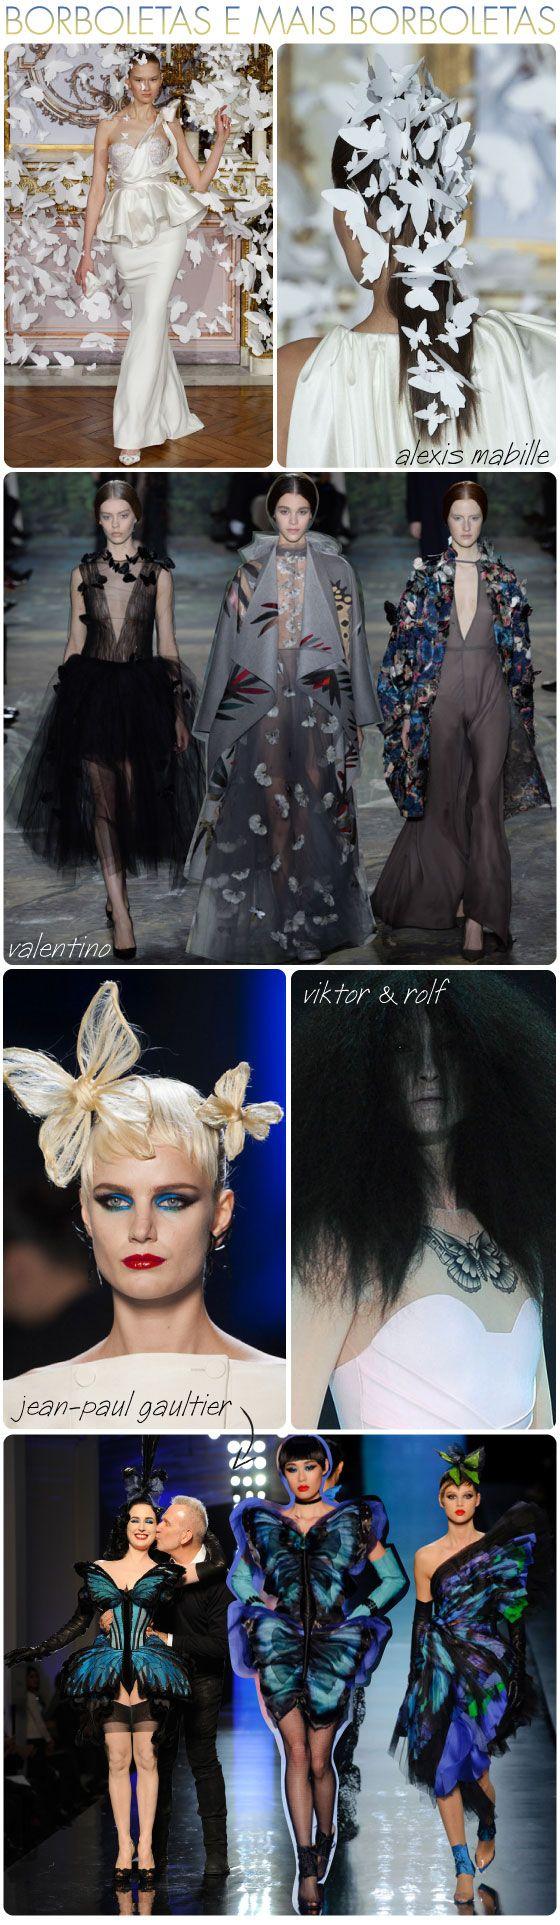 Tendência, borboleta, alta-costura, passarela, desfile, valentino, alexis mabille, Jean-Paul Gaultier, Viktor & Rolf, haute-couture, trend, butterfly